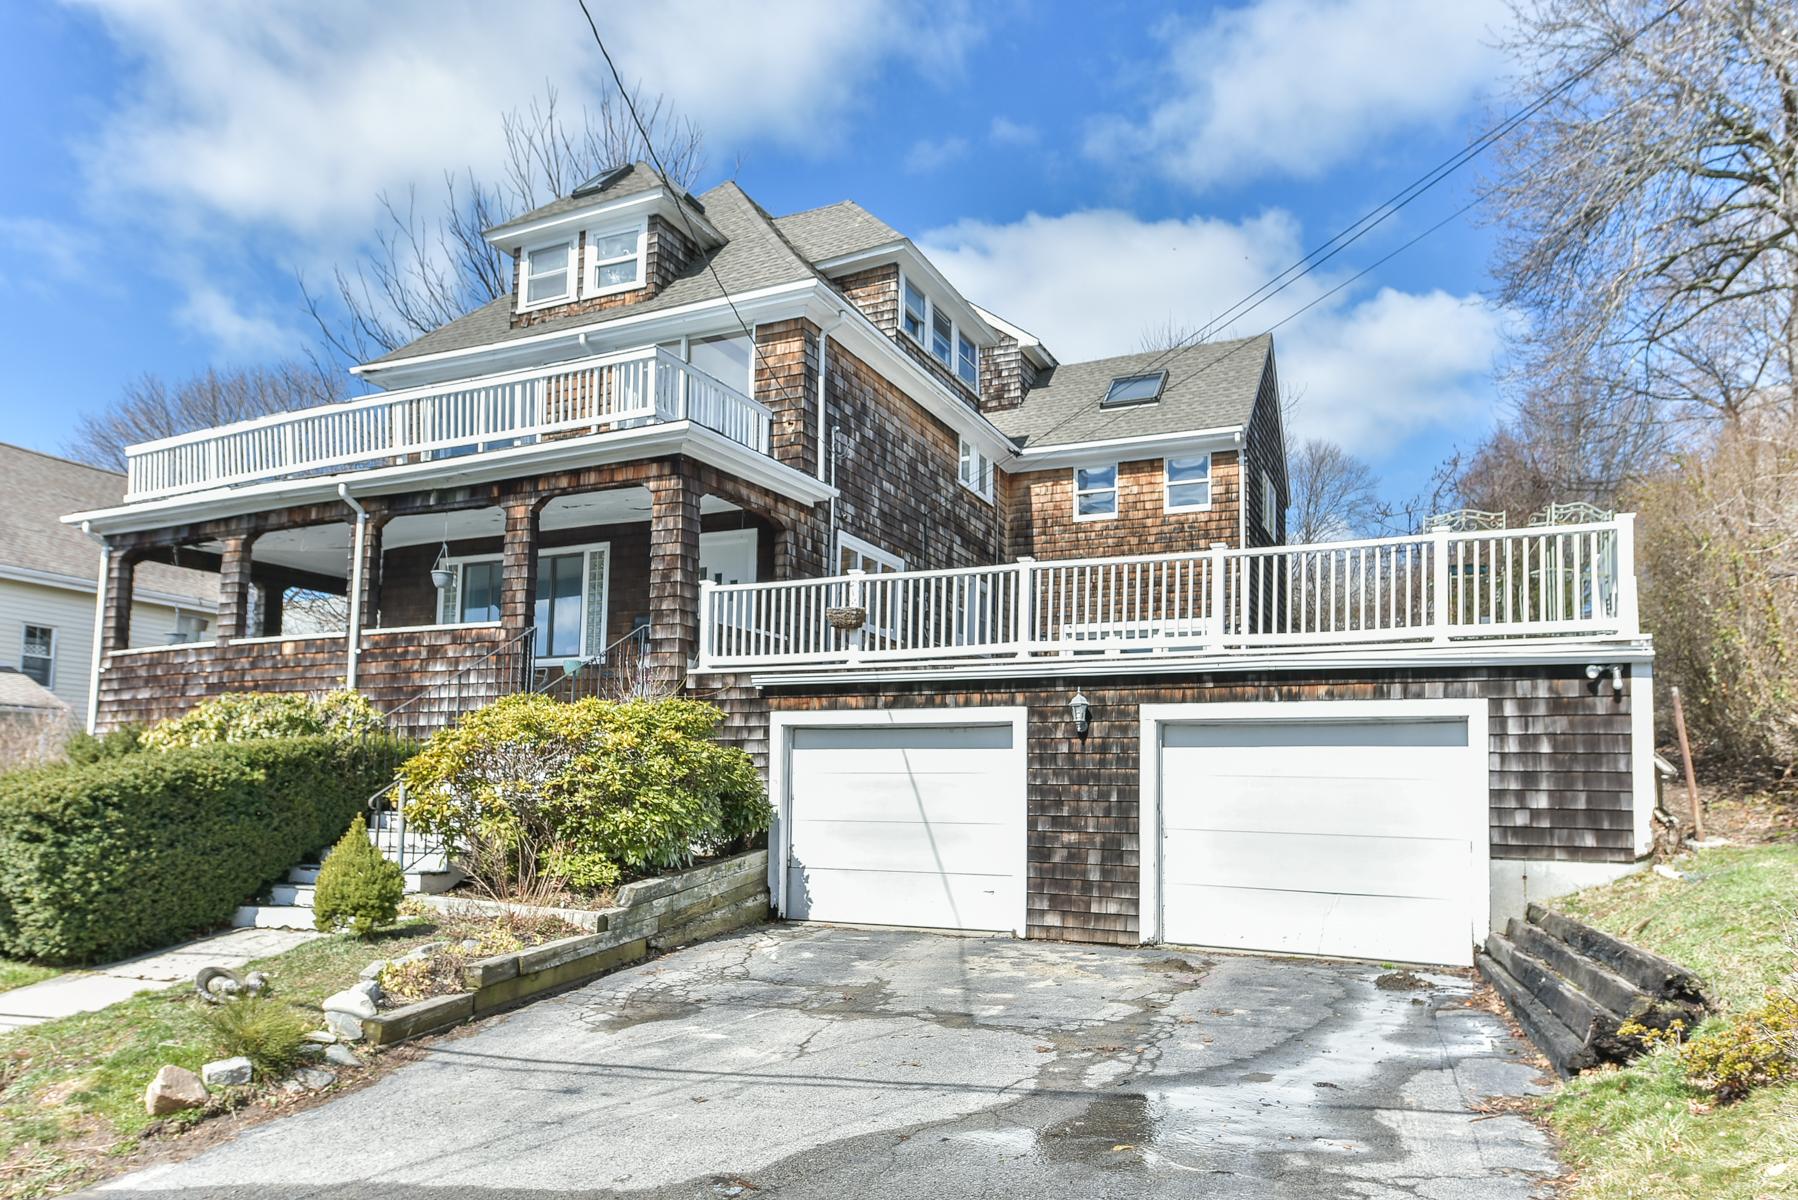 Maison unifamiliale pour l Vente à 58 Vautrinot Ave Ave, Hull Hull, Massachusetts, 02045 États-Unis